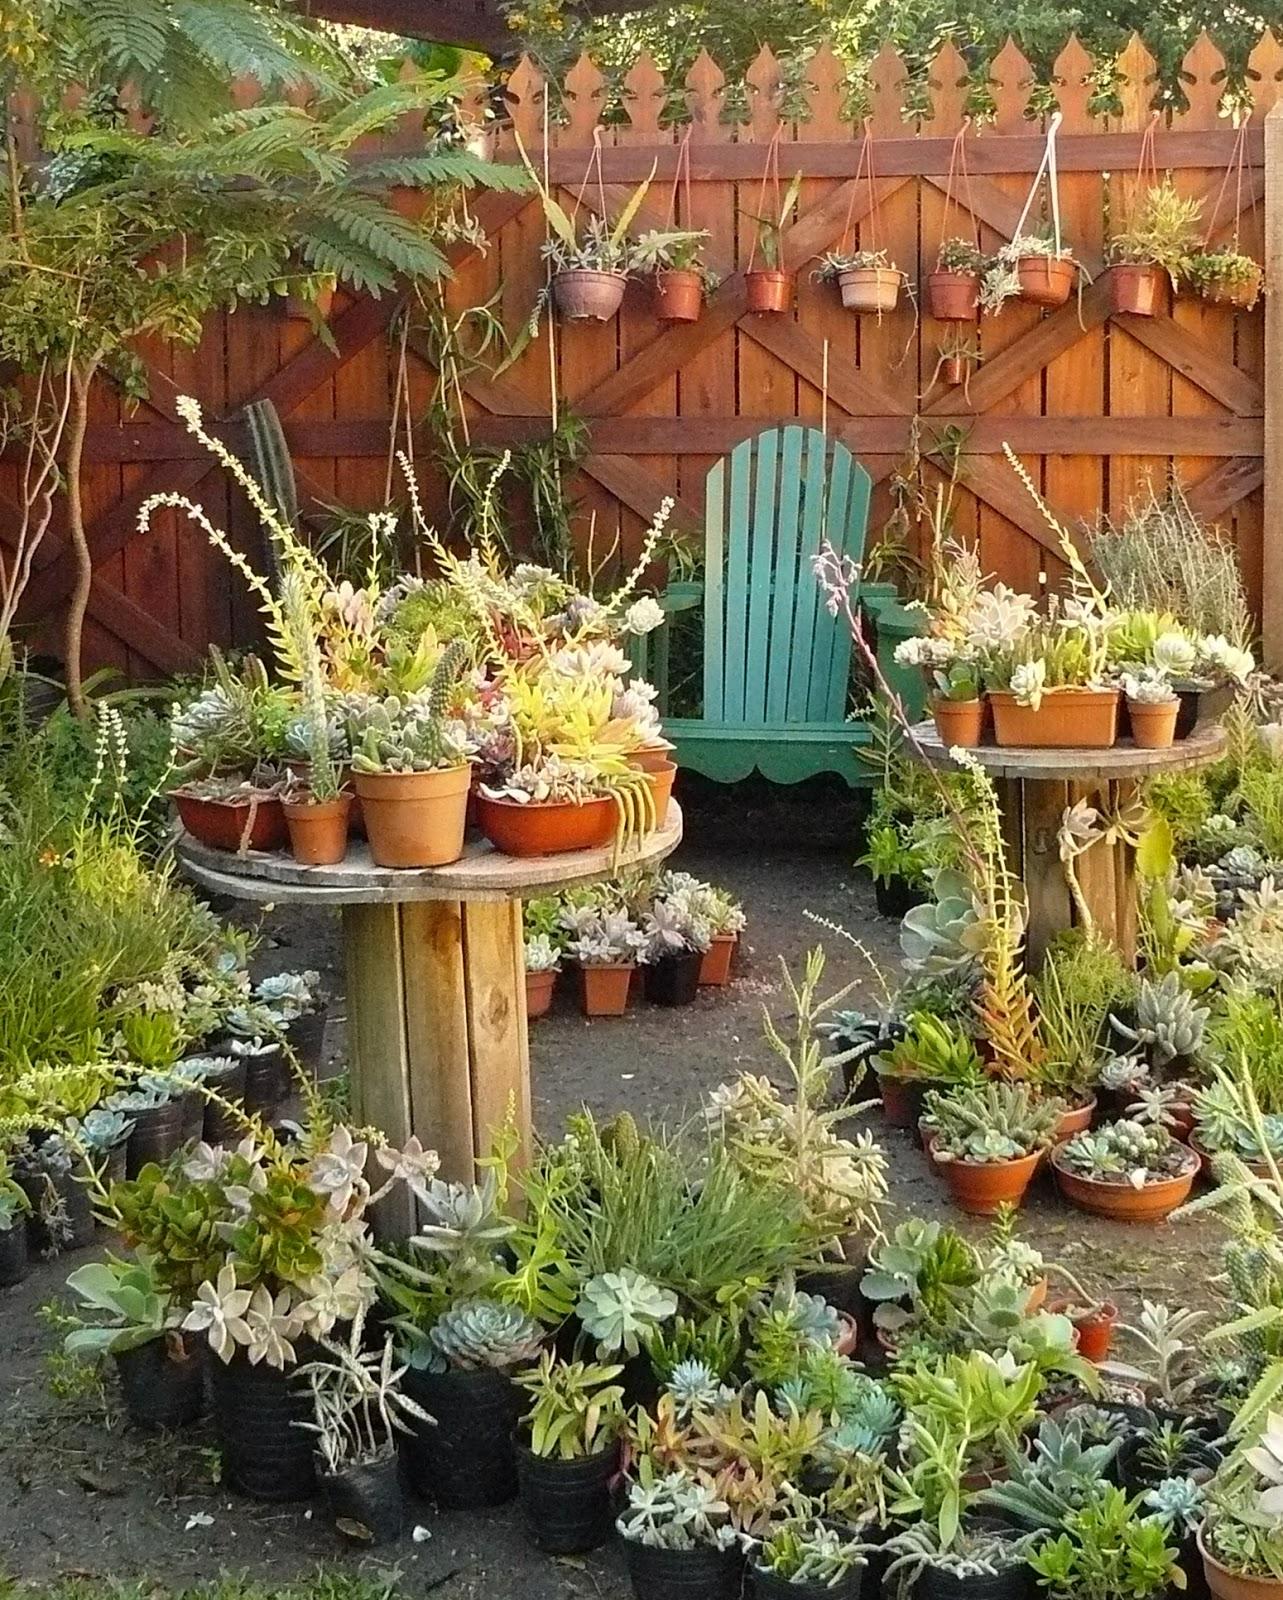 Jardines de cactus y suculentas abril 2013 for Jardines con cactus